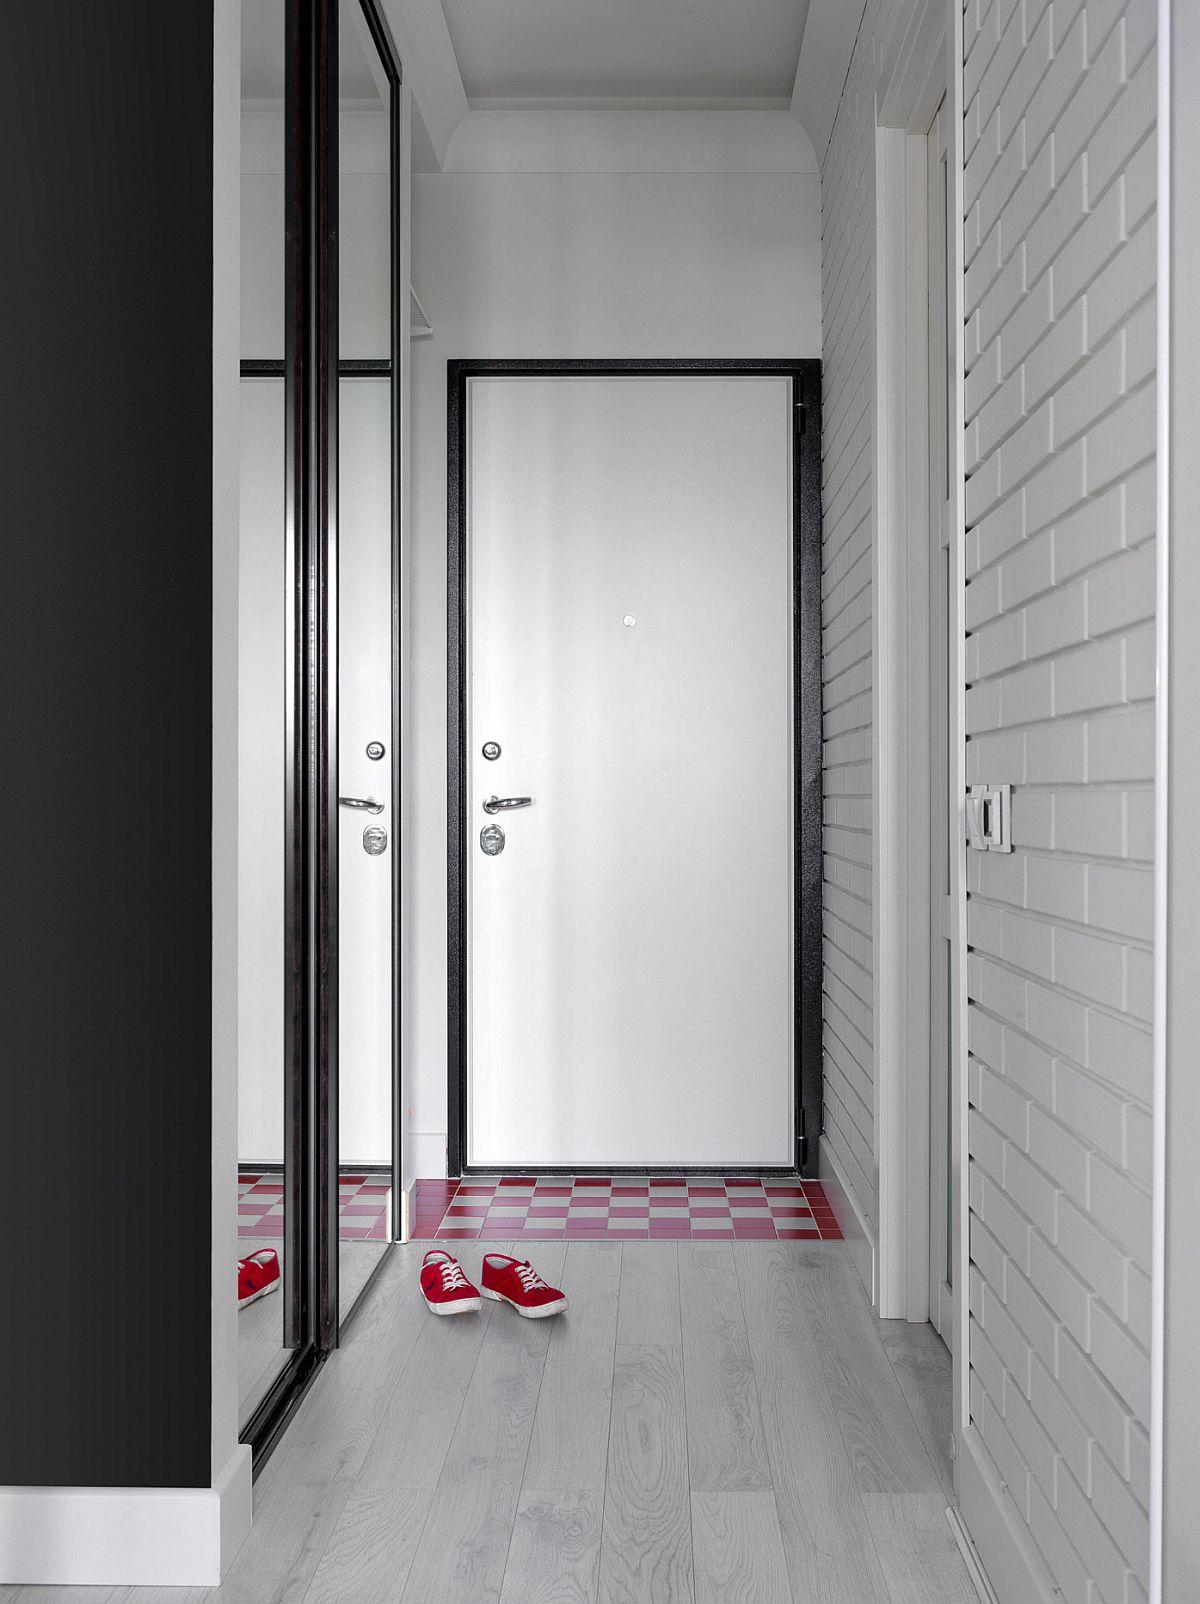 La intrarea în locuință, pe hol, este amplasat un dulap încorporat cu fețele din oglinzi. Finisajul de tip cărămidă nu este unul aplicat, ci este obținut după decopertarea zidurilor și ulterior vopsit totul în alb. Parchetul este montat peste tot în zona de zi și camera copiilor, mai puțin în dreptul ușii de intrare, unde au fost folosite plăci ceramice VitrA montate sub forma unui covoraș.